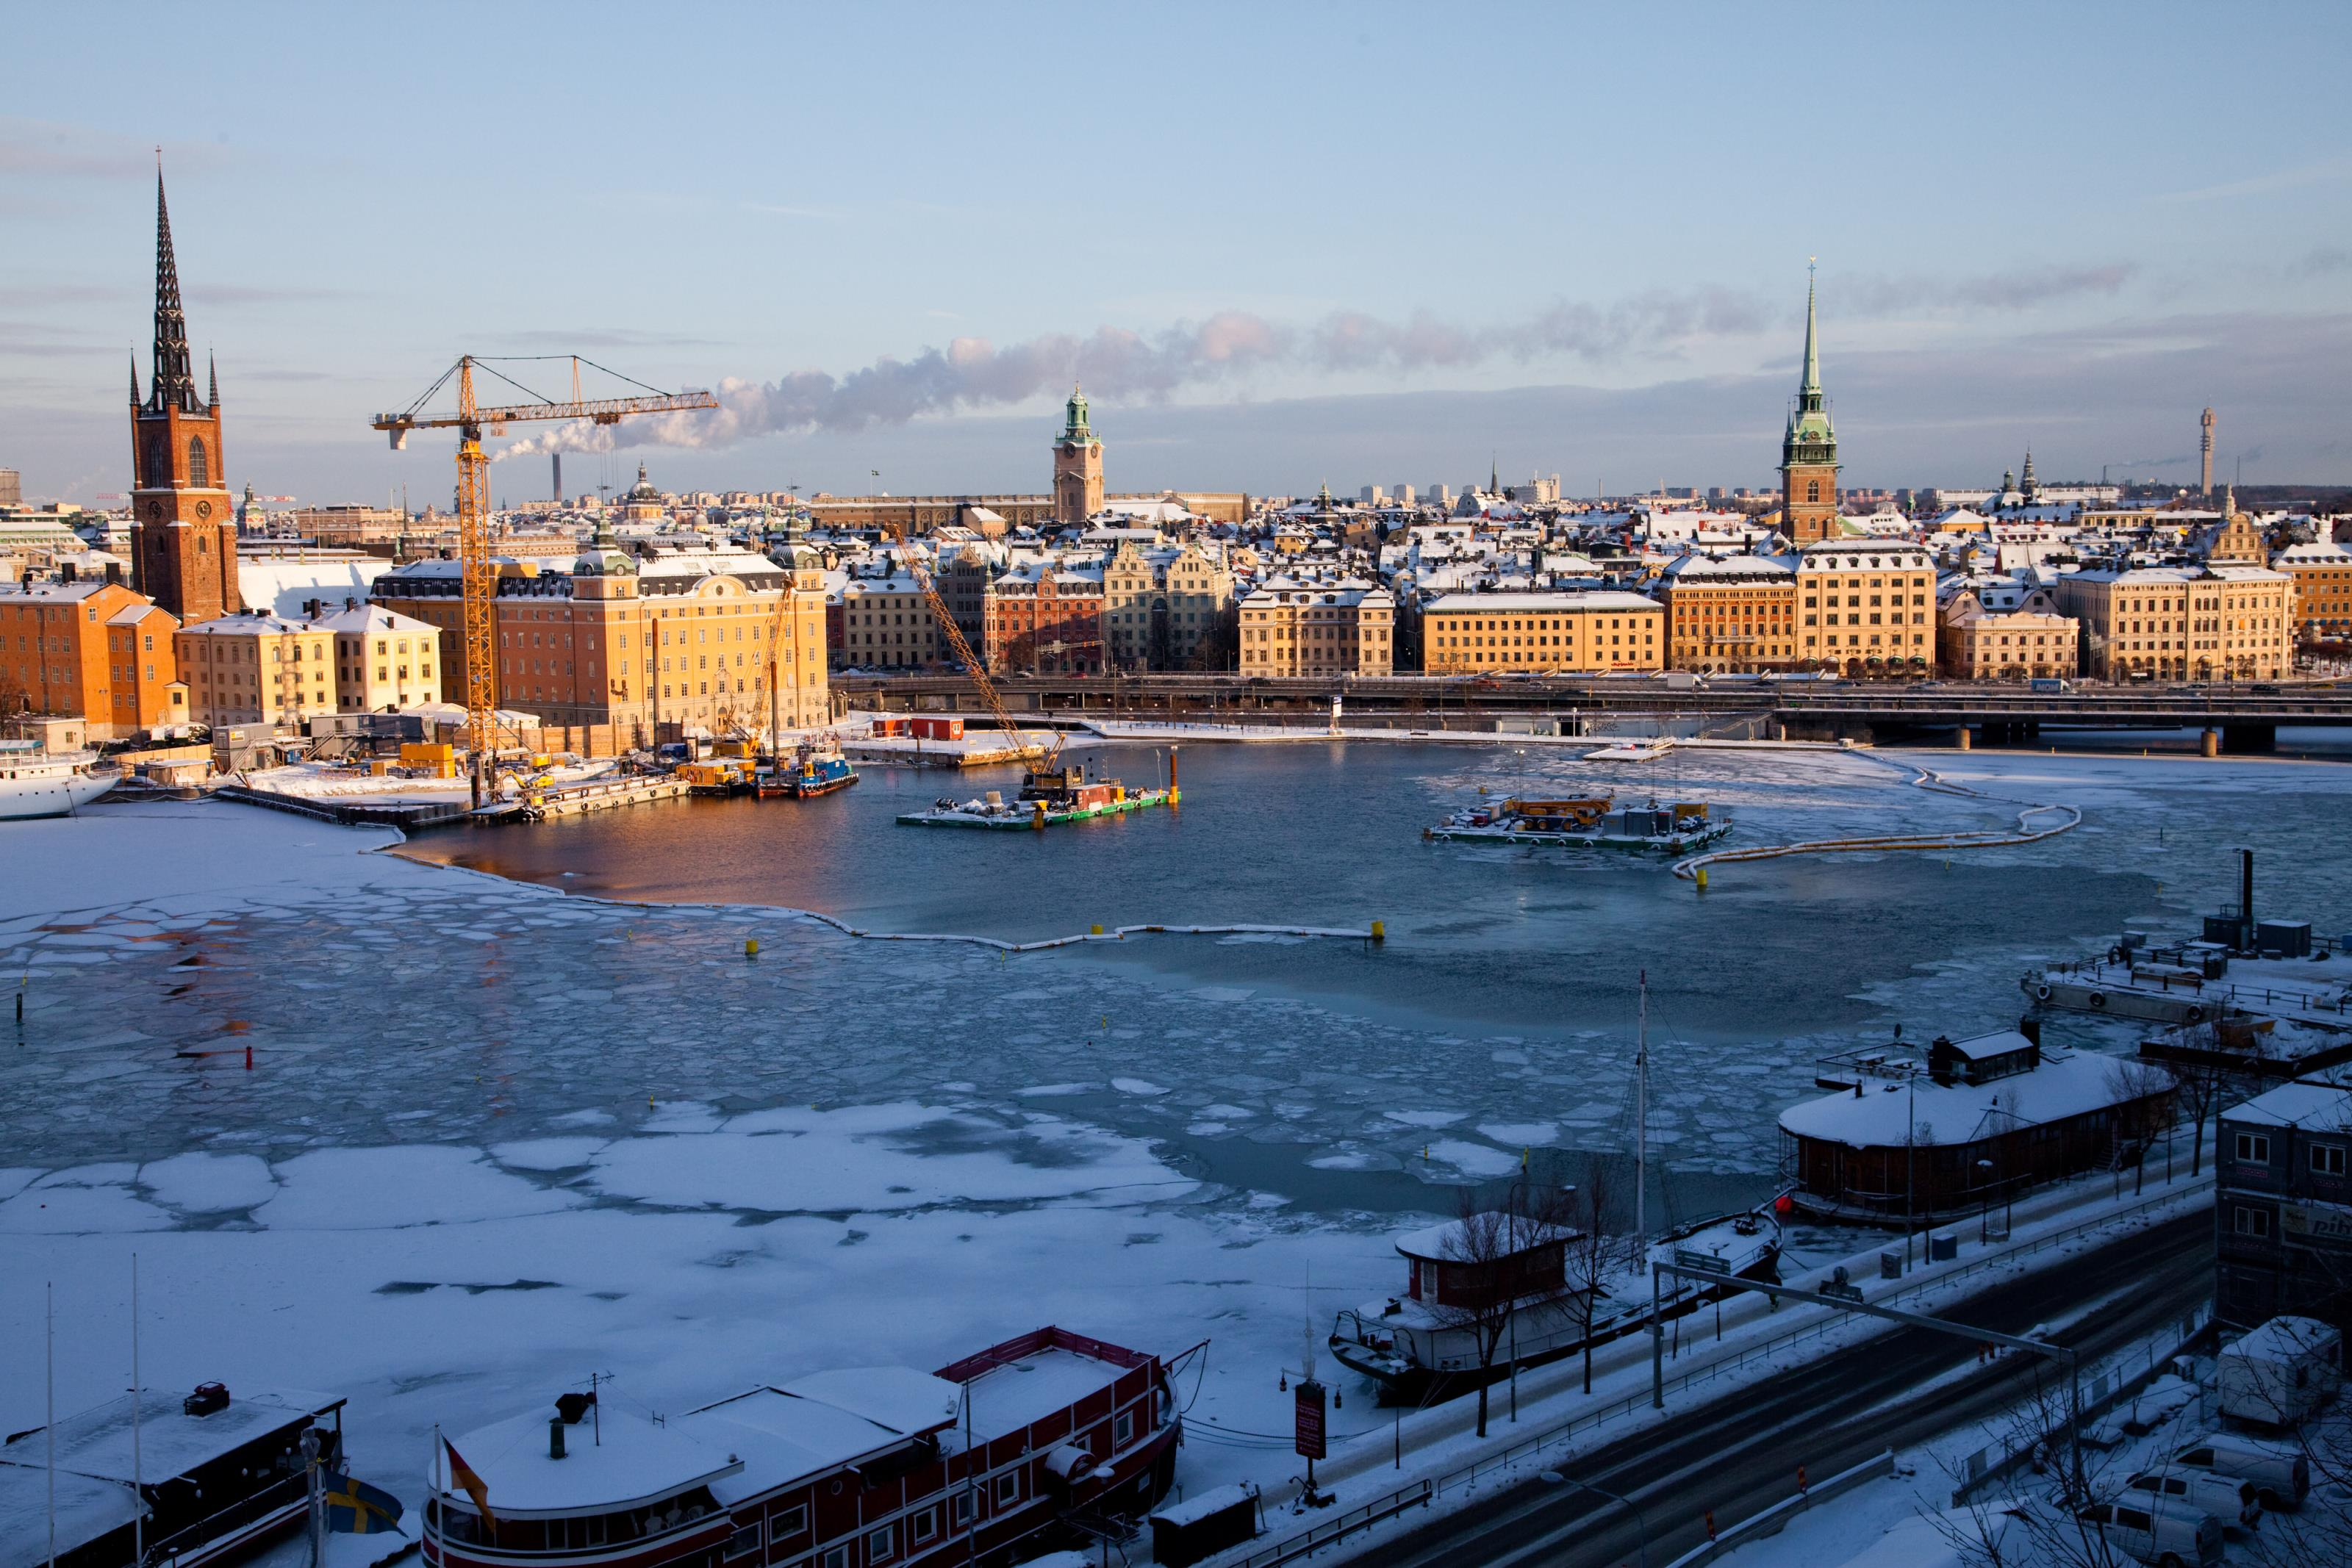 dejt i stockholm gratis bilder